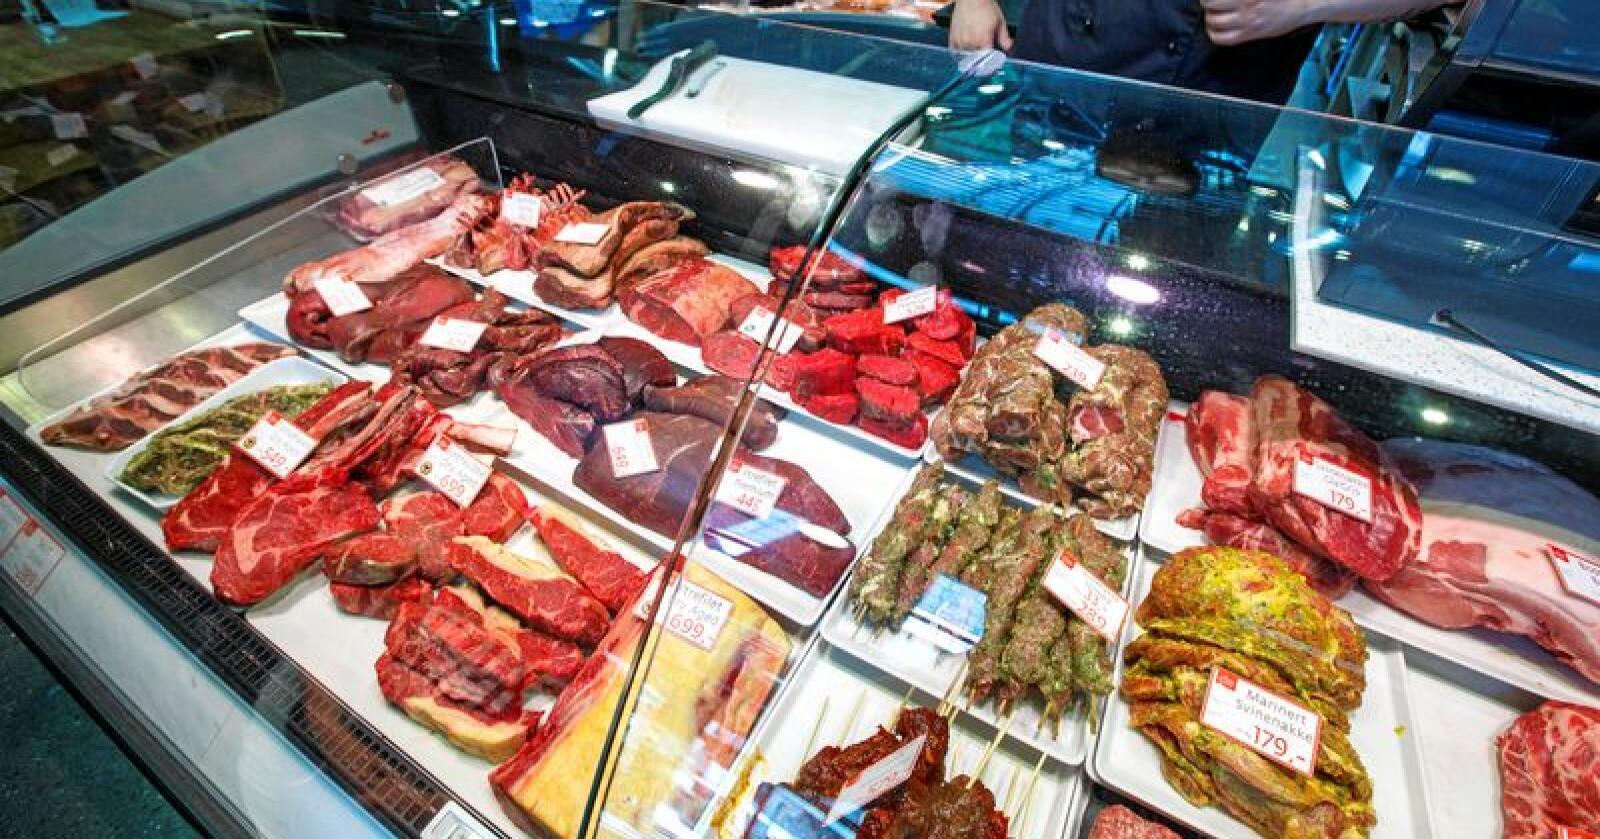 Not hot: Mange forbrukere opplyser at de ønsker å kutte kjøttforbruket.  Foto: Gorm Kallestad / NTB scanpix